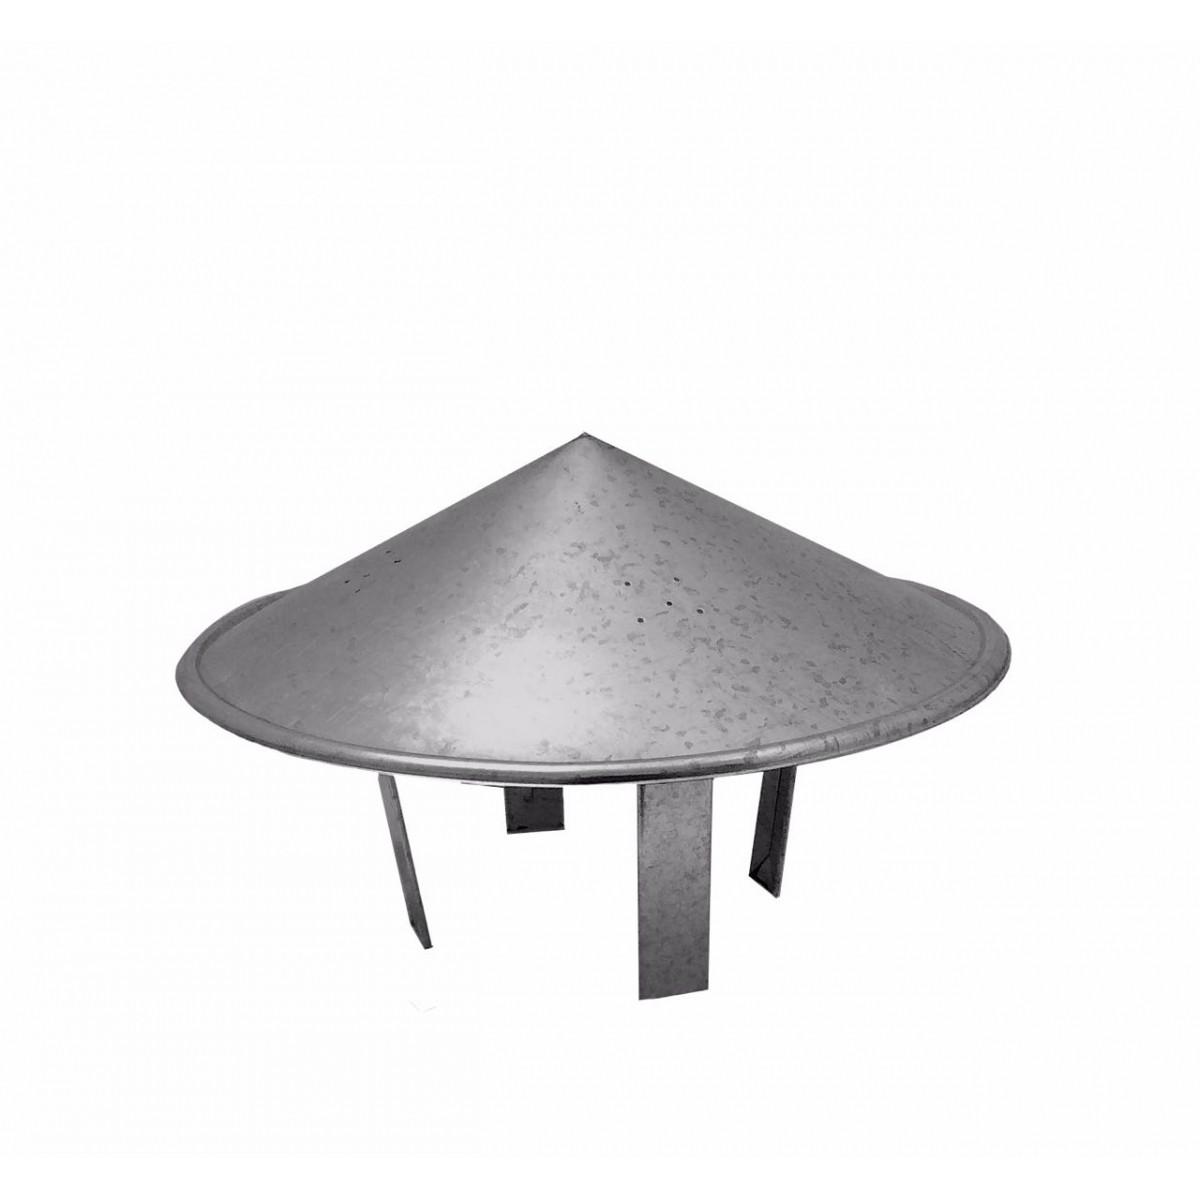 Chapéu chinês galvanizado para dutos de 30 cm de diâmetro para topo de chaminé  - Galvocalhas